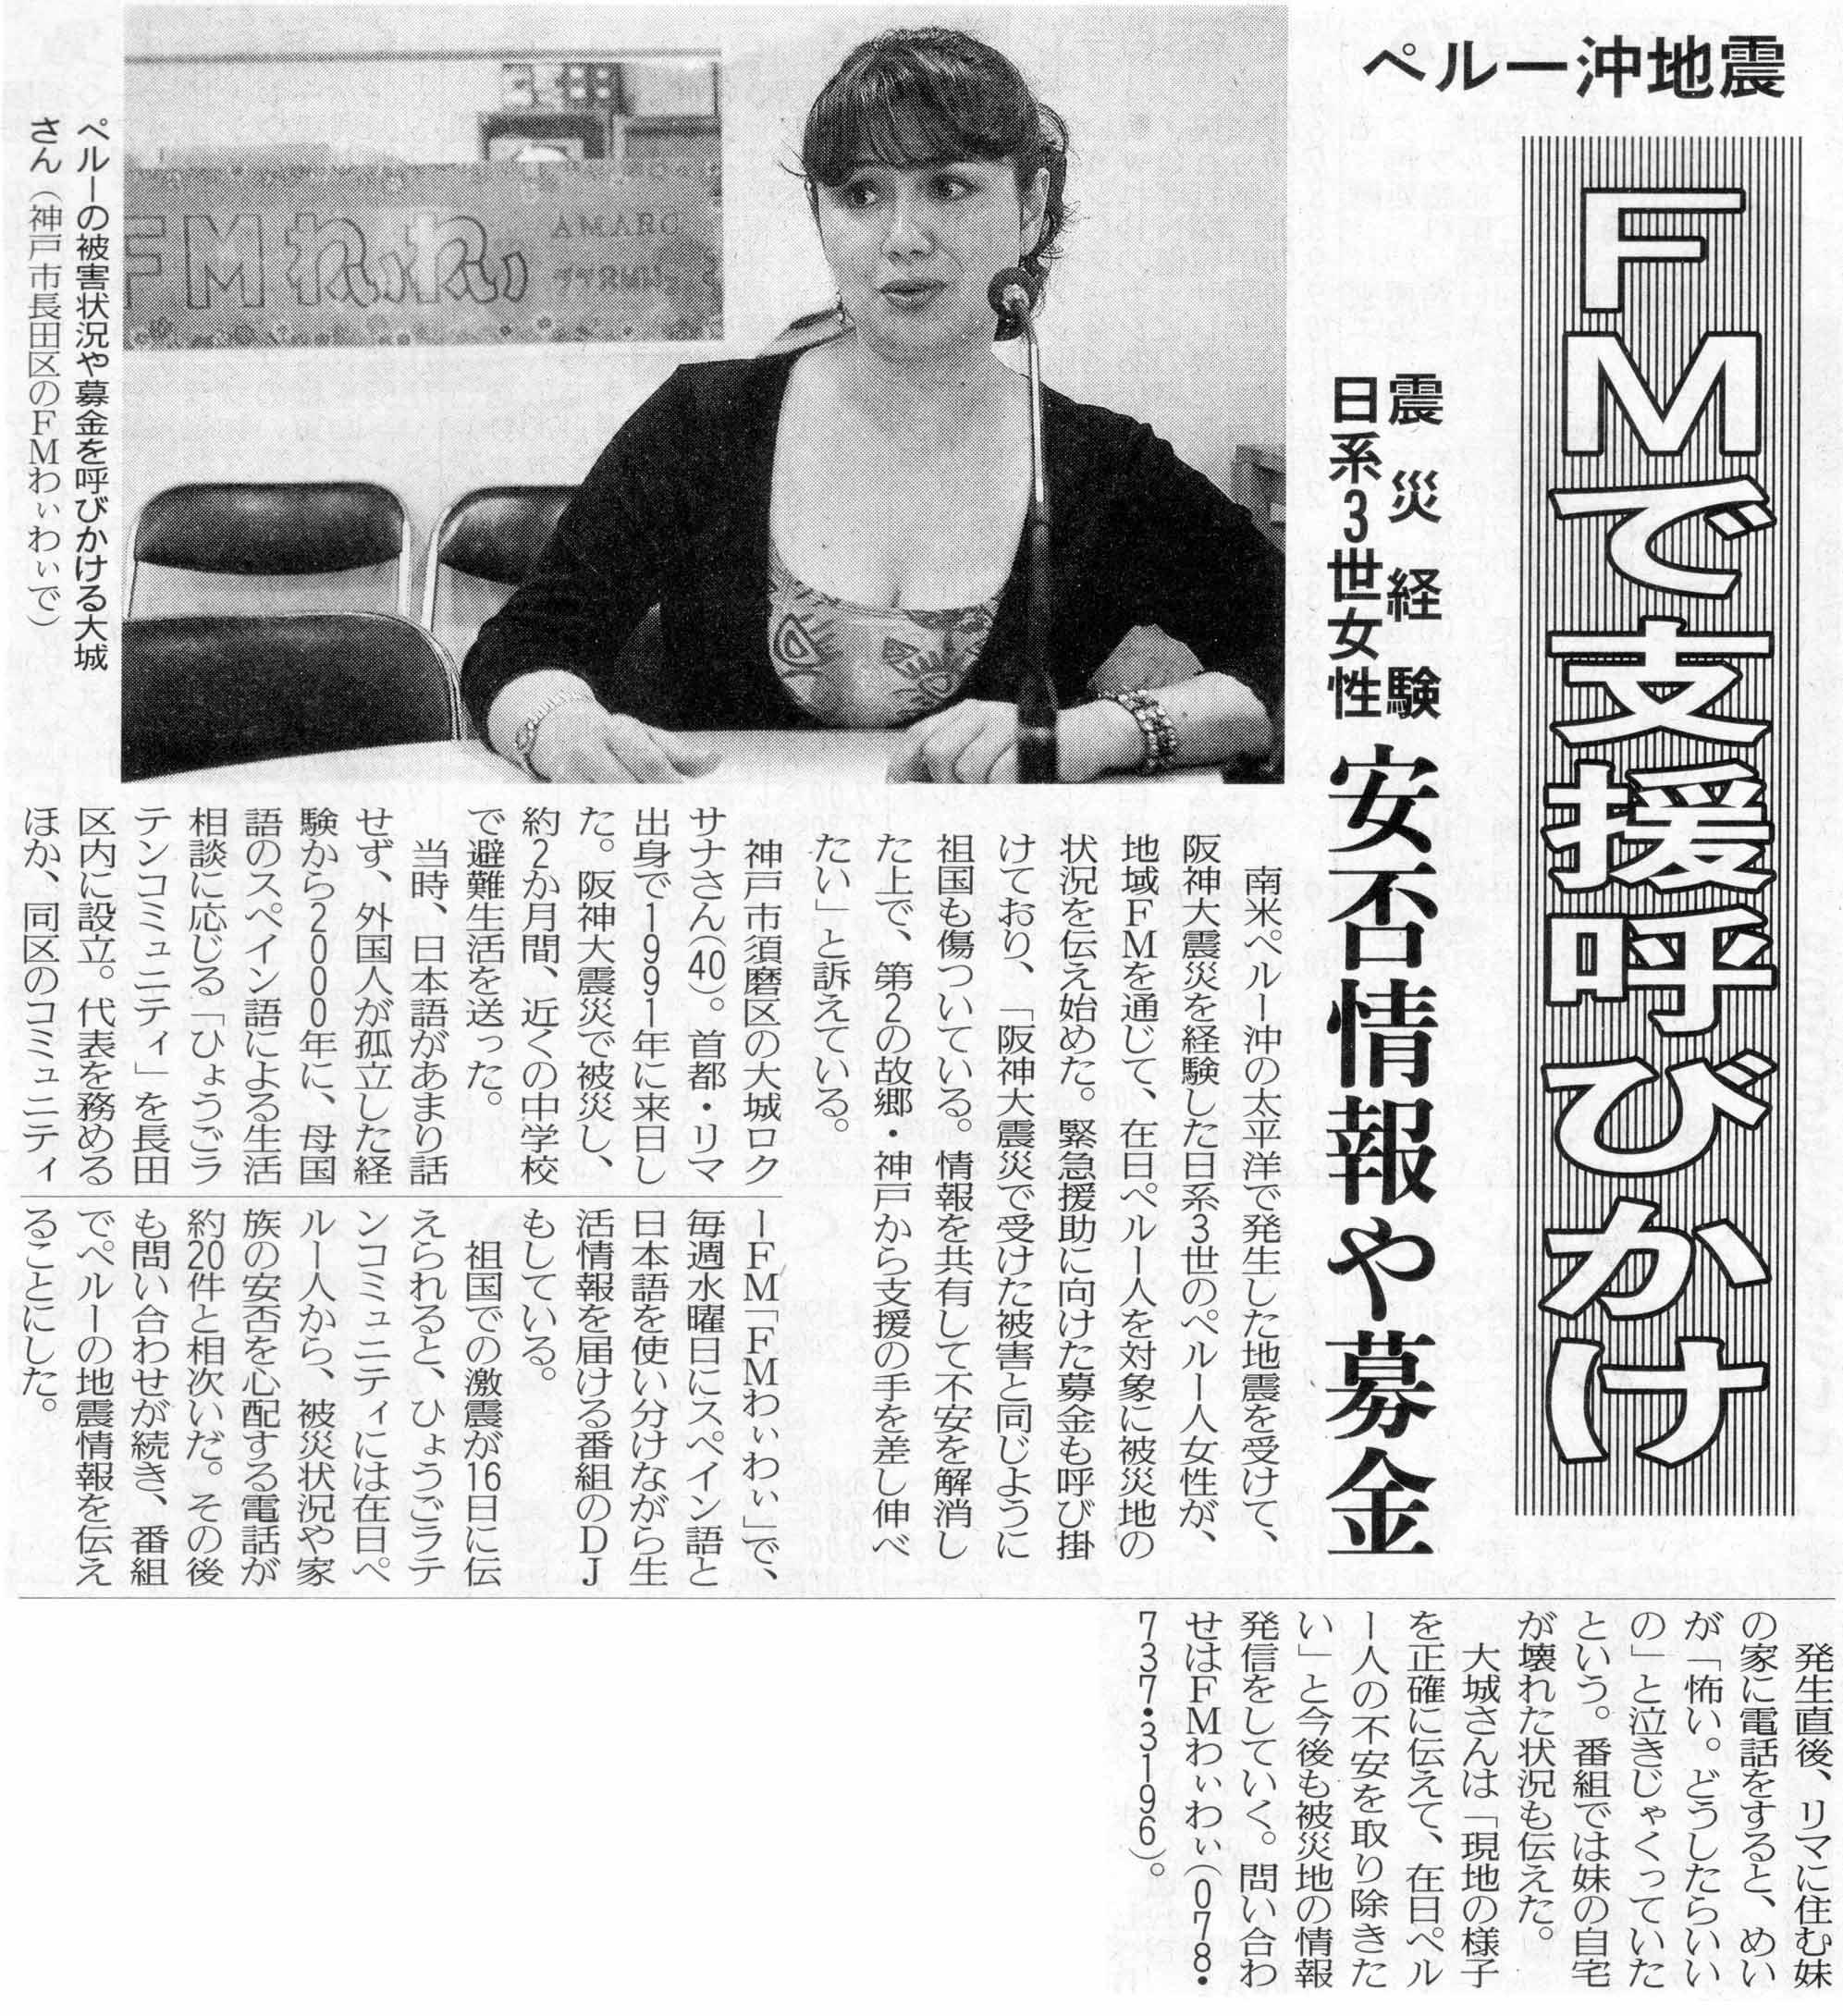 2007年8月18日 読売新聞掲載